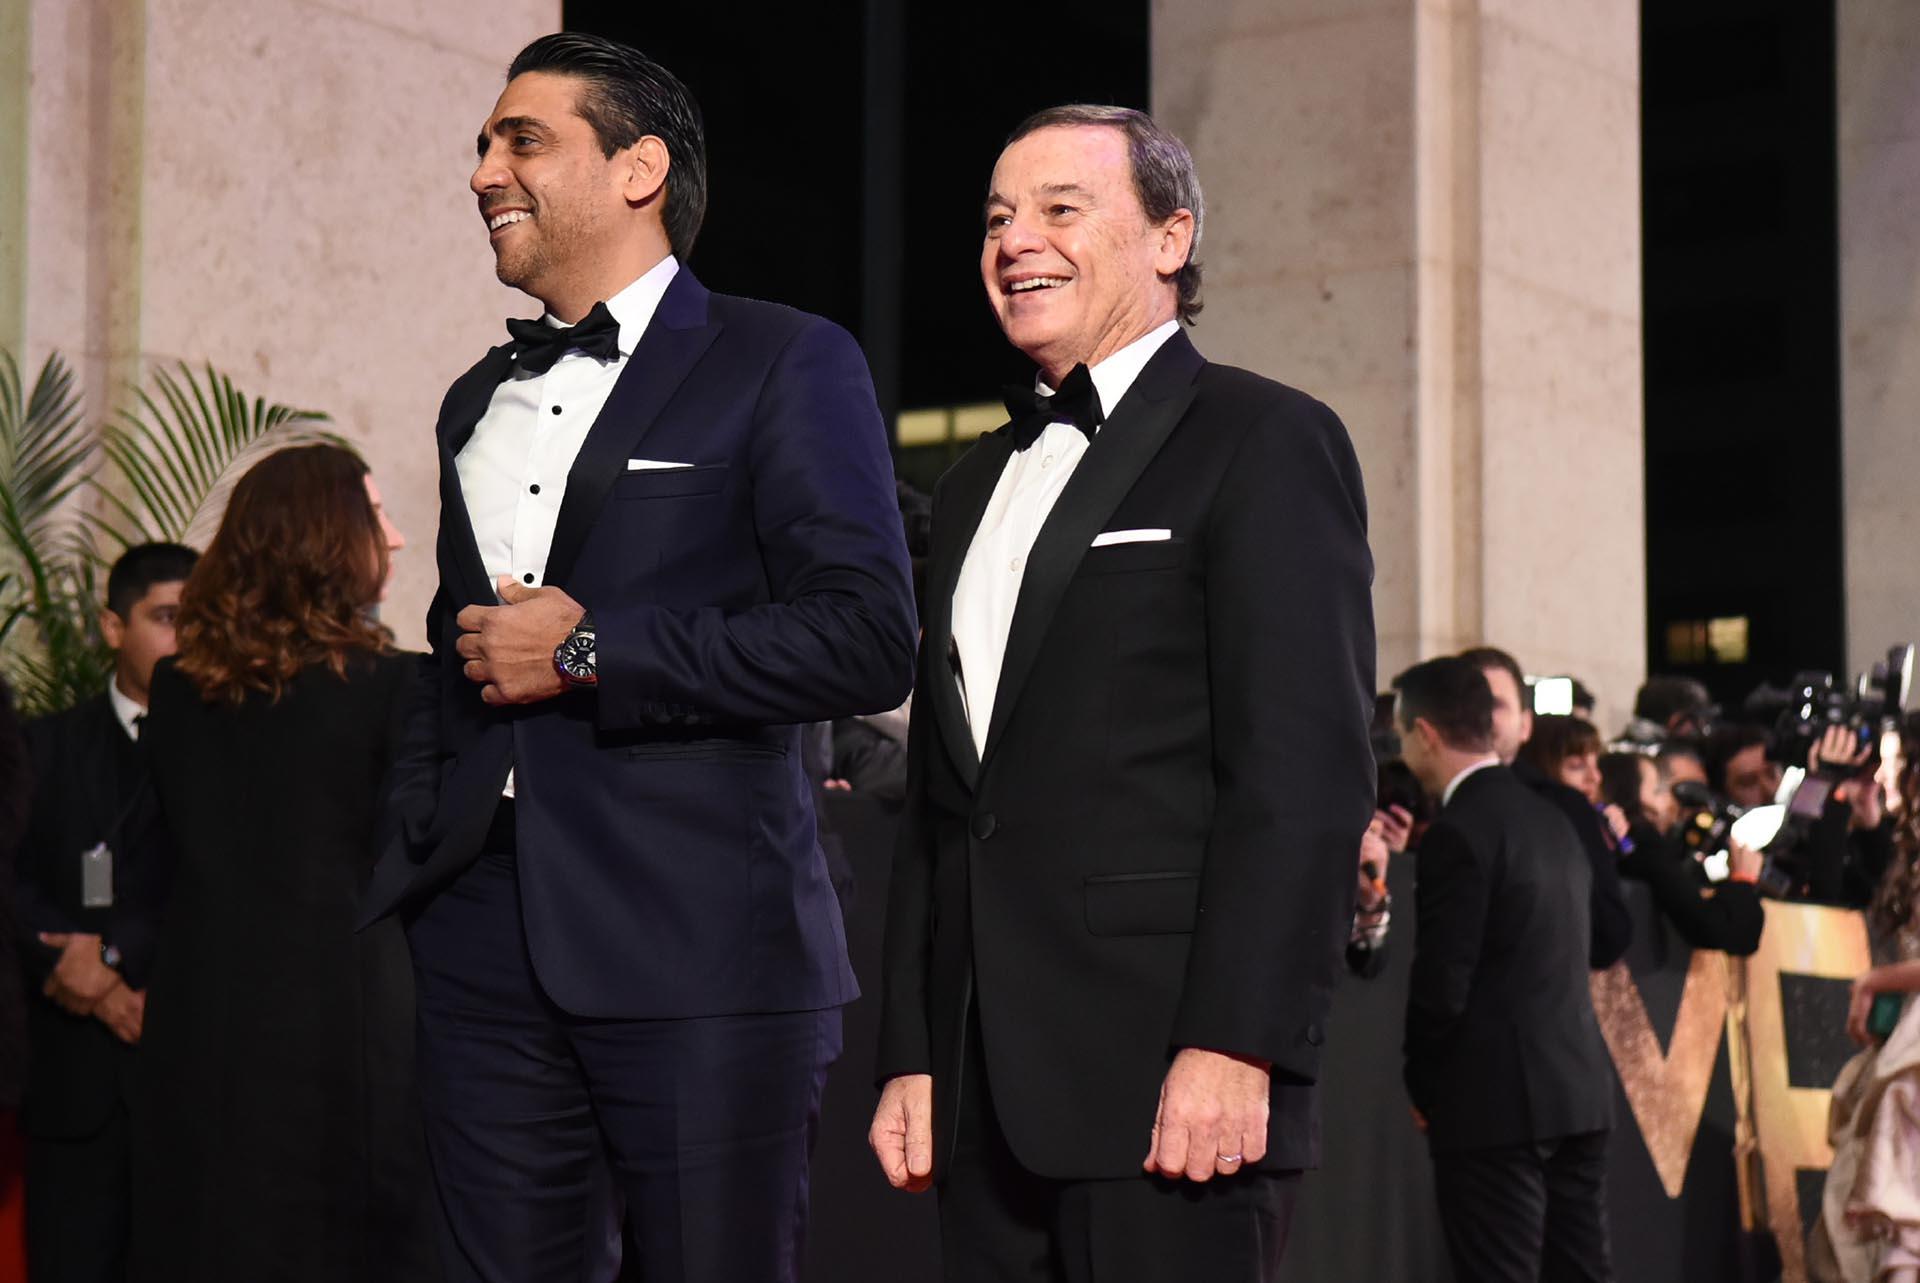 ¡Qué elegancia la de El Trece! Coco Fernández y Pablo Codevilla, directivos de Programación y Producción del canal de constitución, presentes en la gala del hotel Alvear Icon